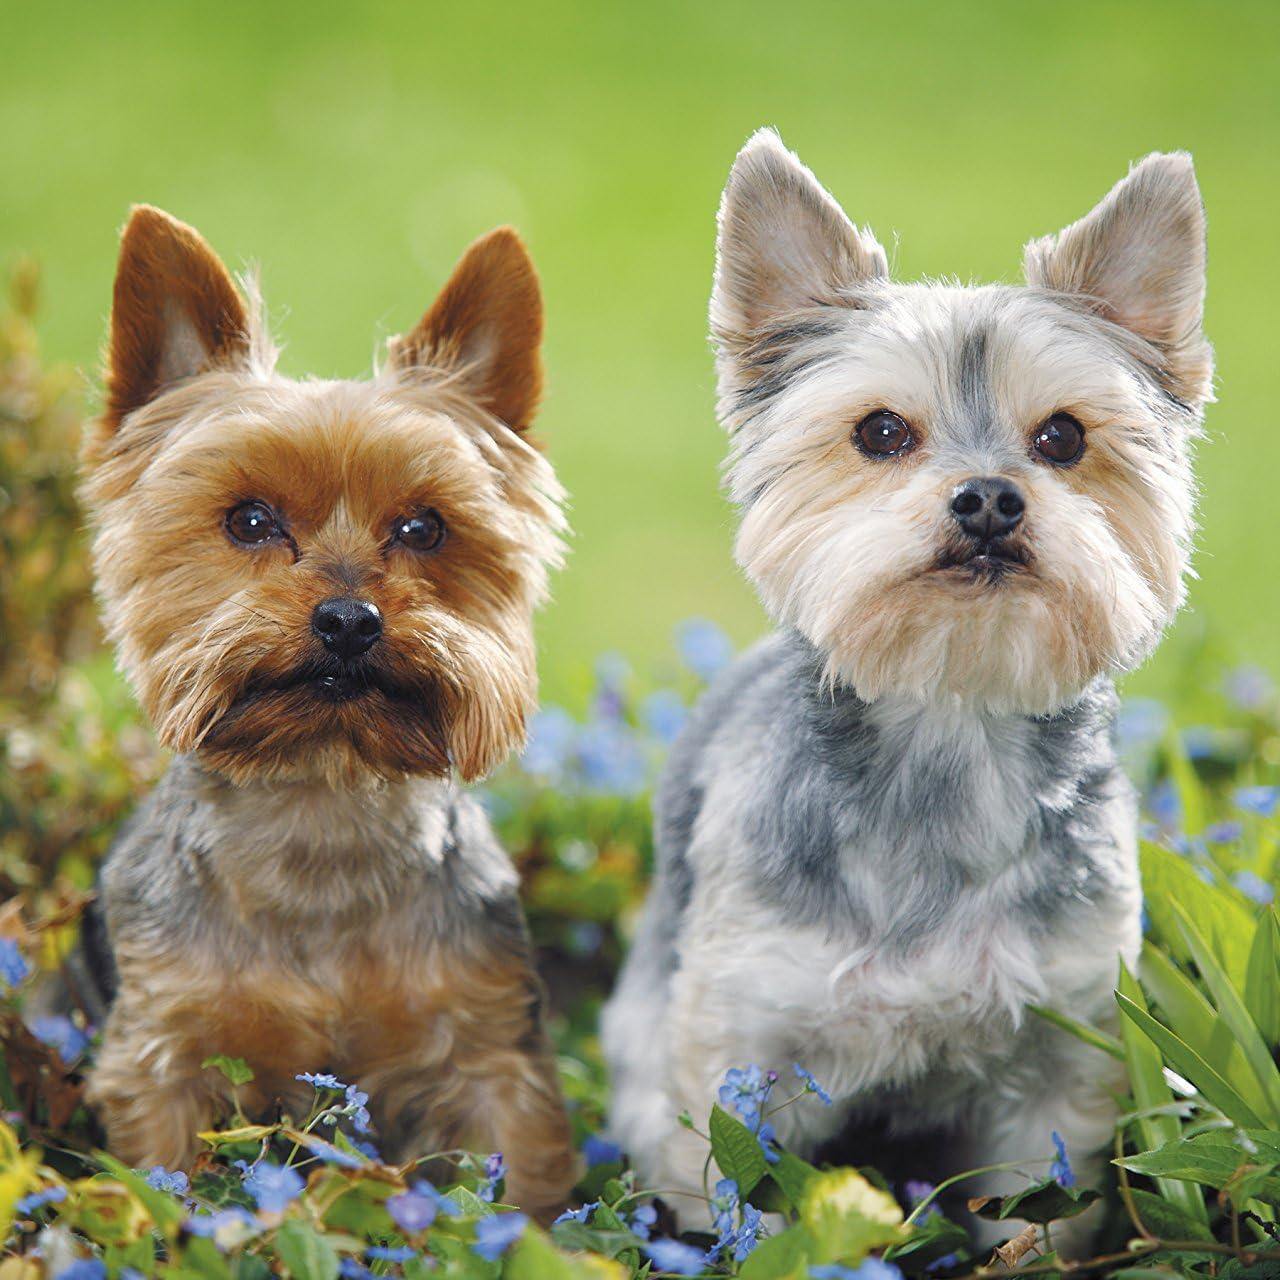 犬 二頭のヨークシャテリア Ipad壁紙 画像52799 スマポ